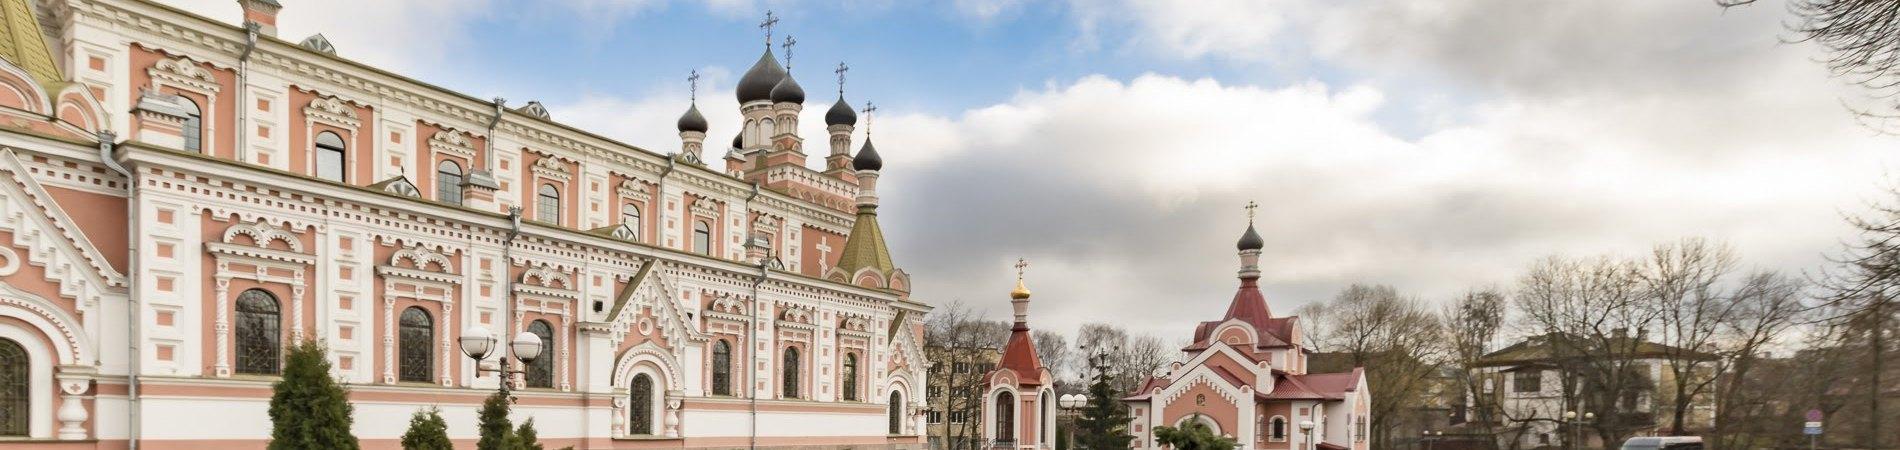 Szerokie tory - Wizy na Białoruś